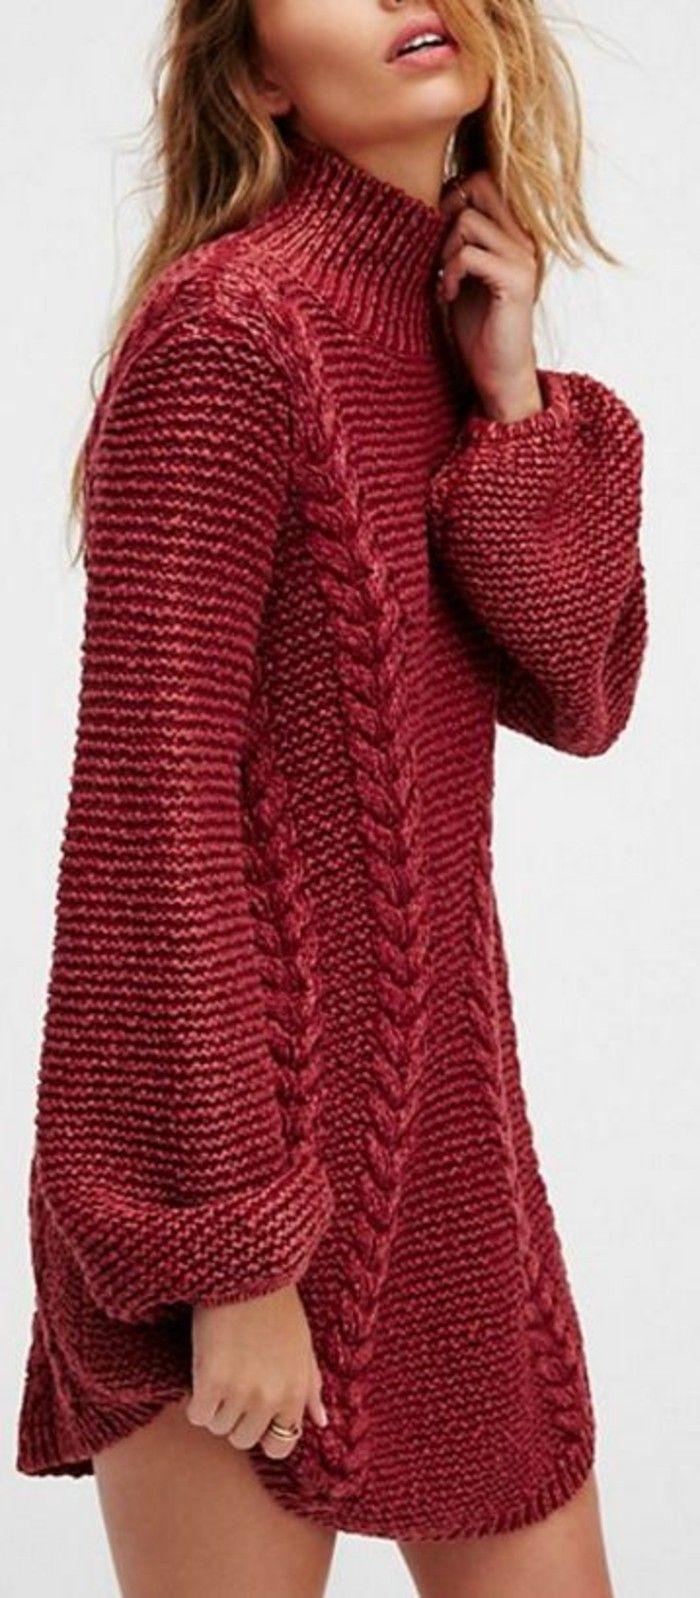 1001 id es pour porter votre robe en laine les looks hot tendance diy tricot pinterest. Black Bedroom Furniture Sets. Home Design Ideas